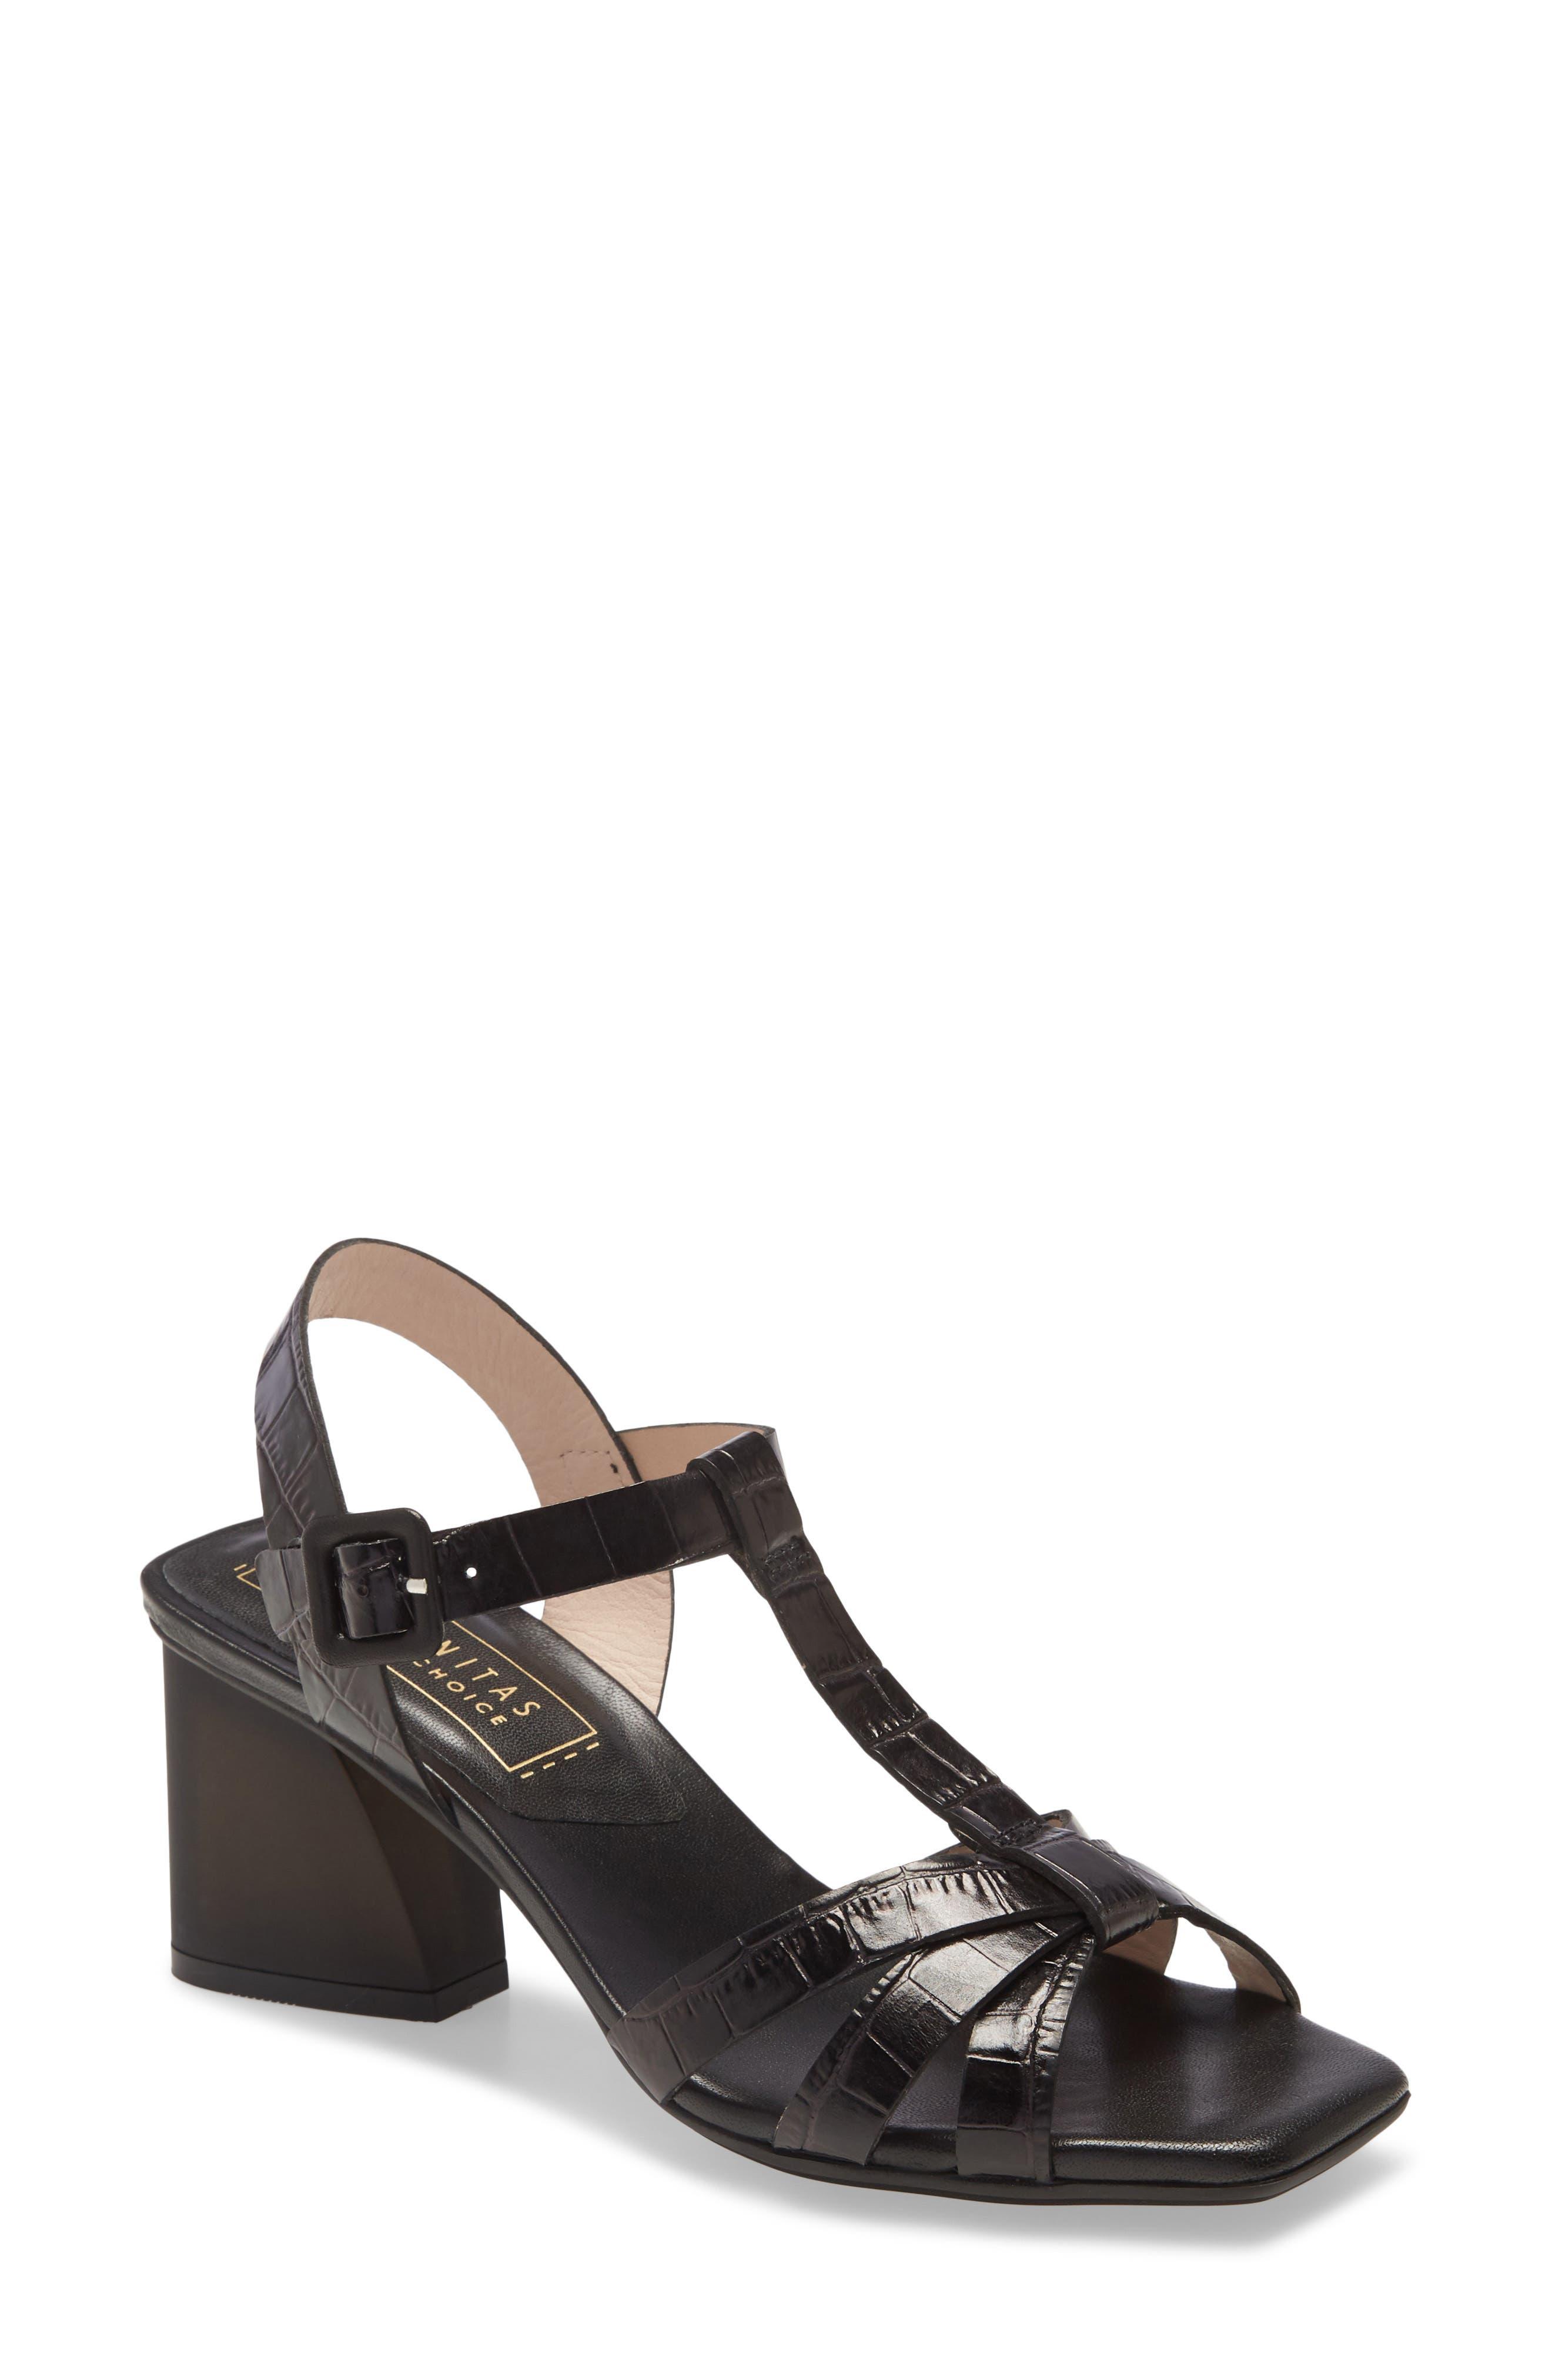 Image of Hispanitas Praga T-Strap Sandal